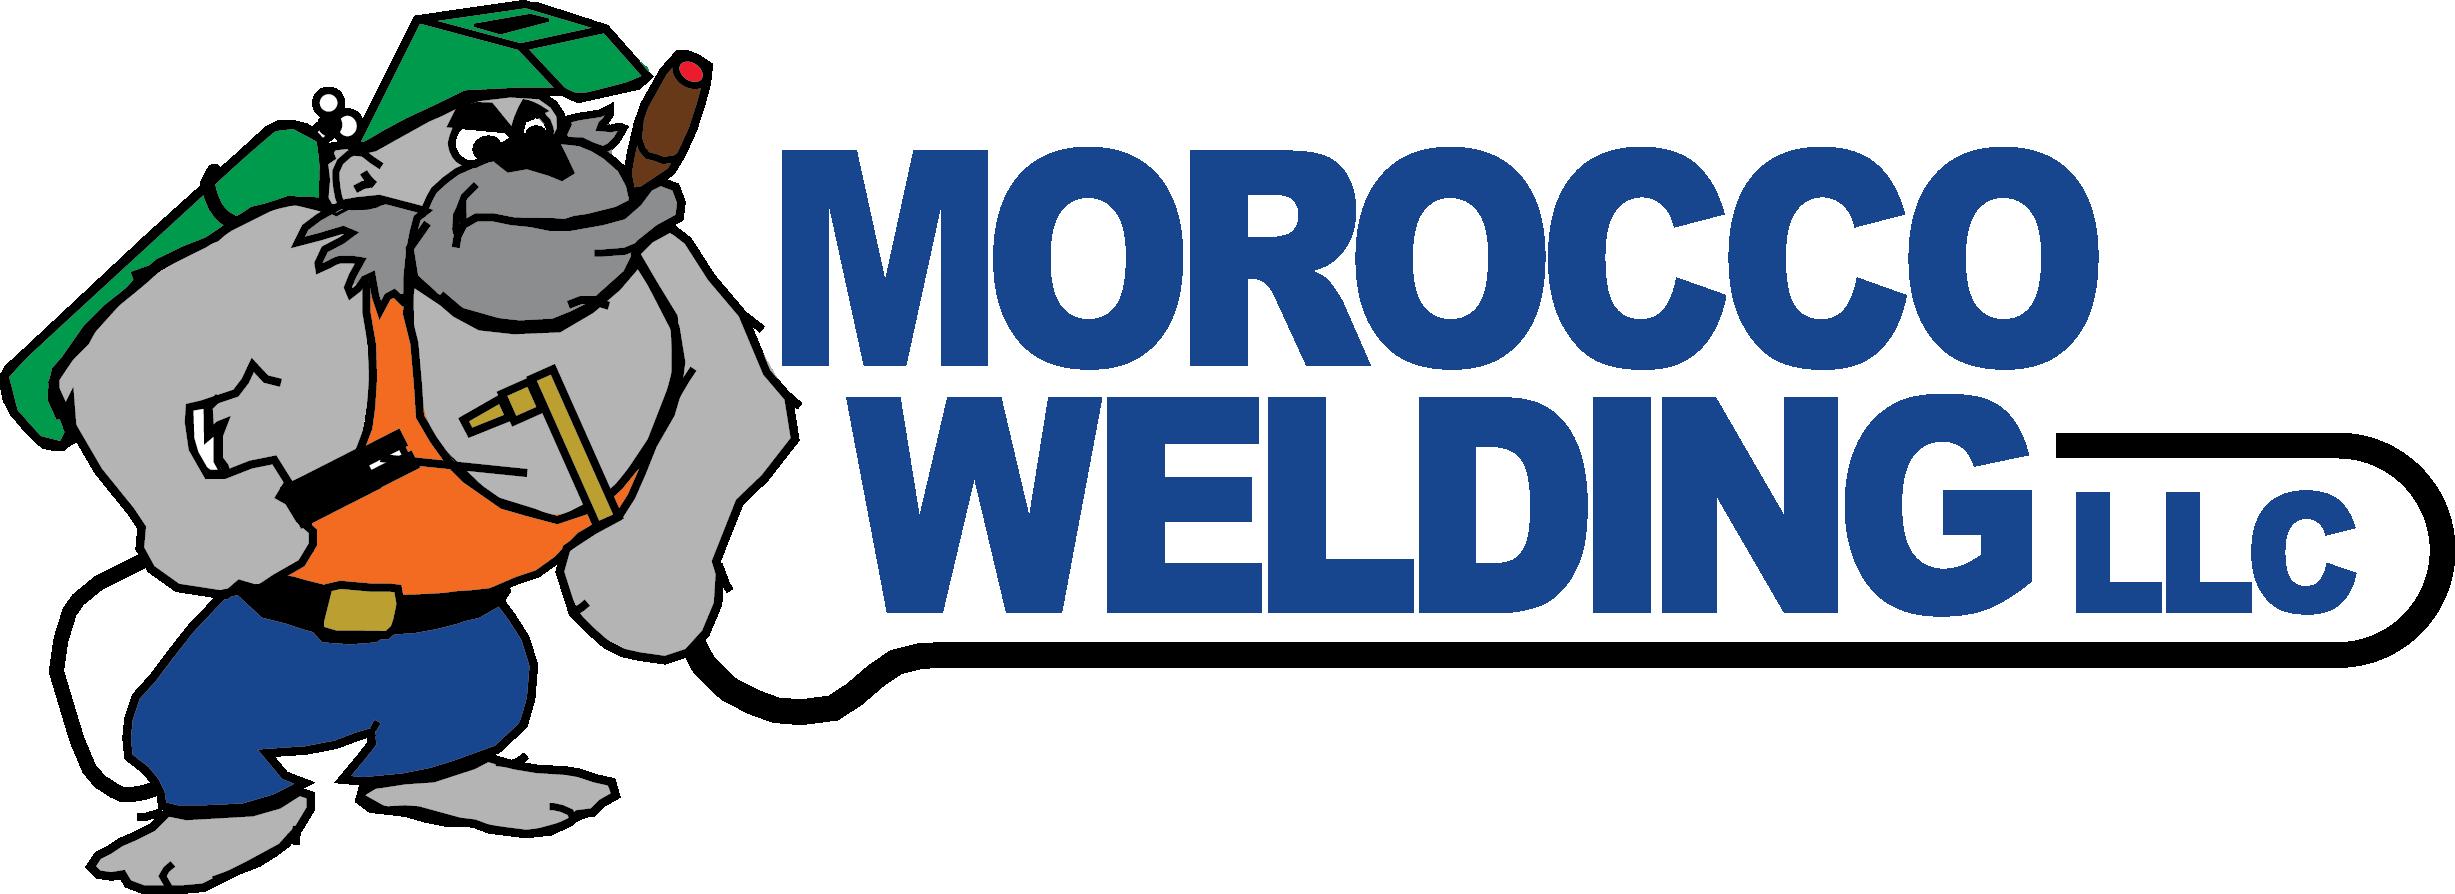 Morocco Welding